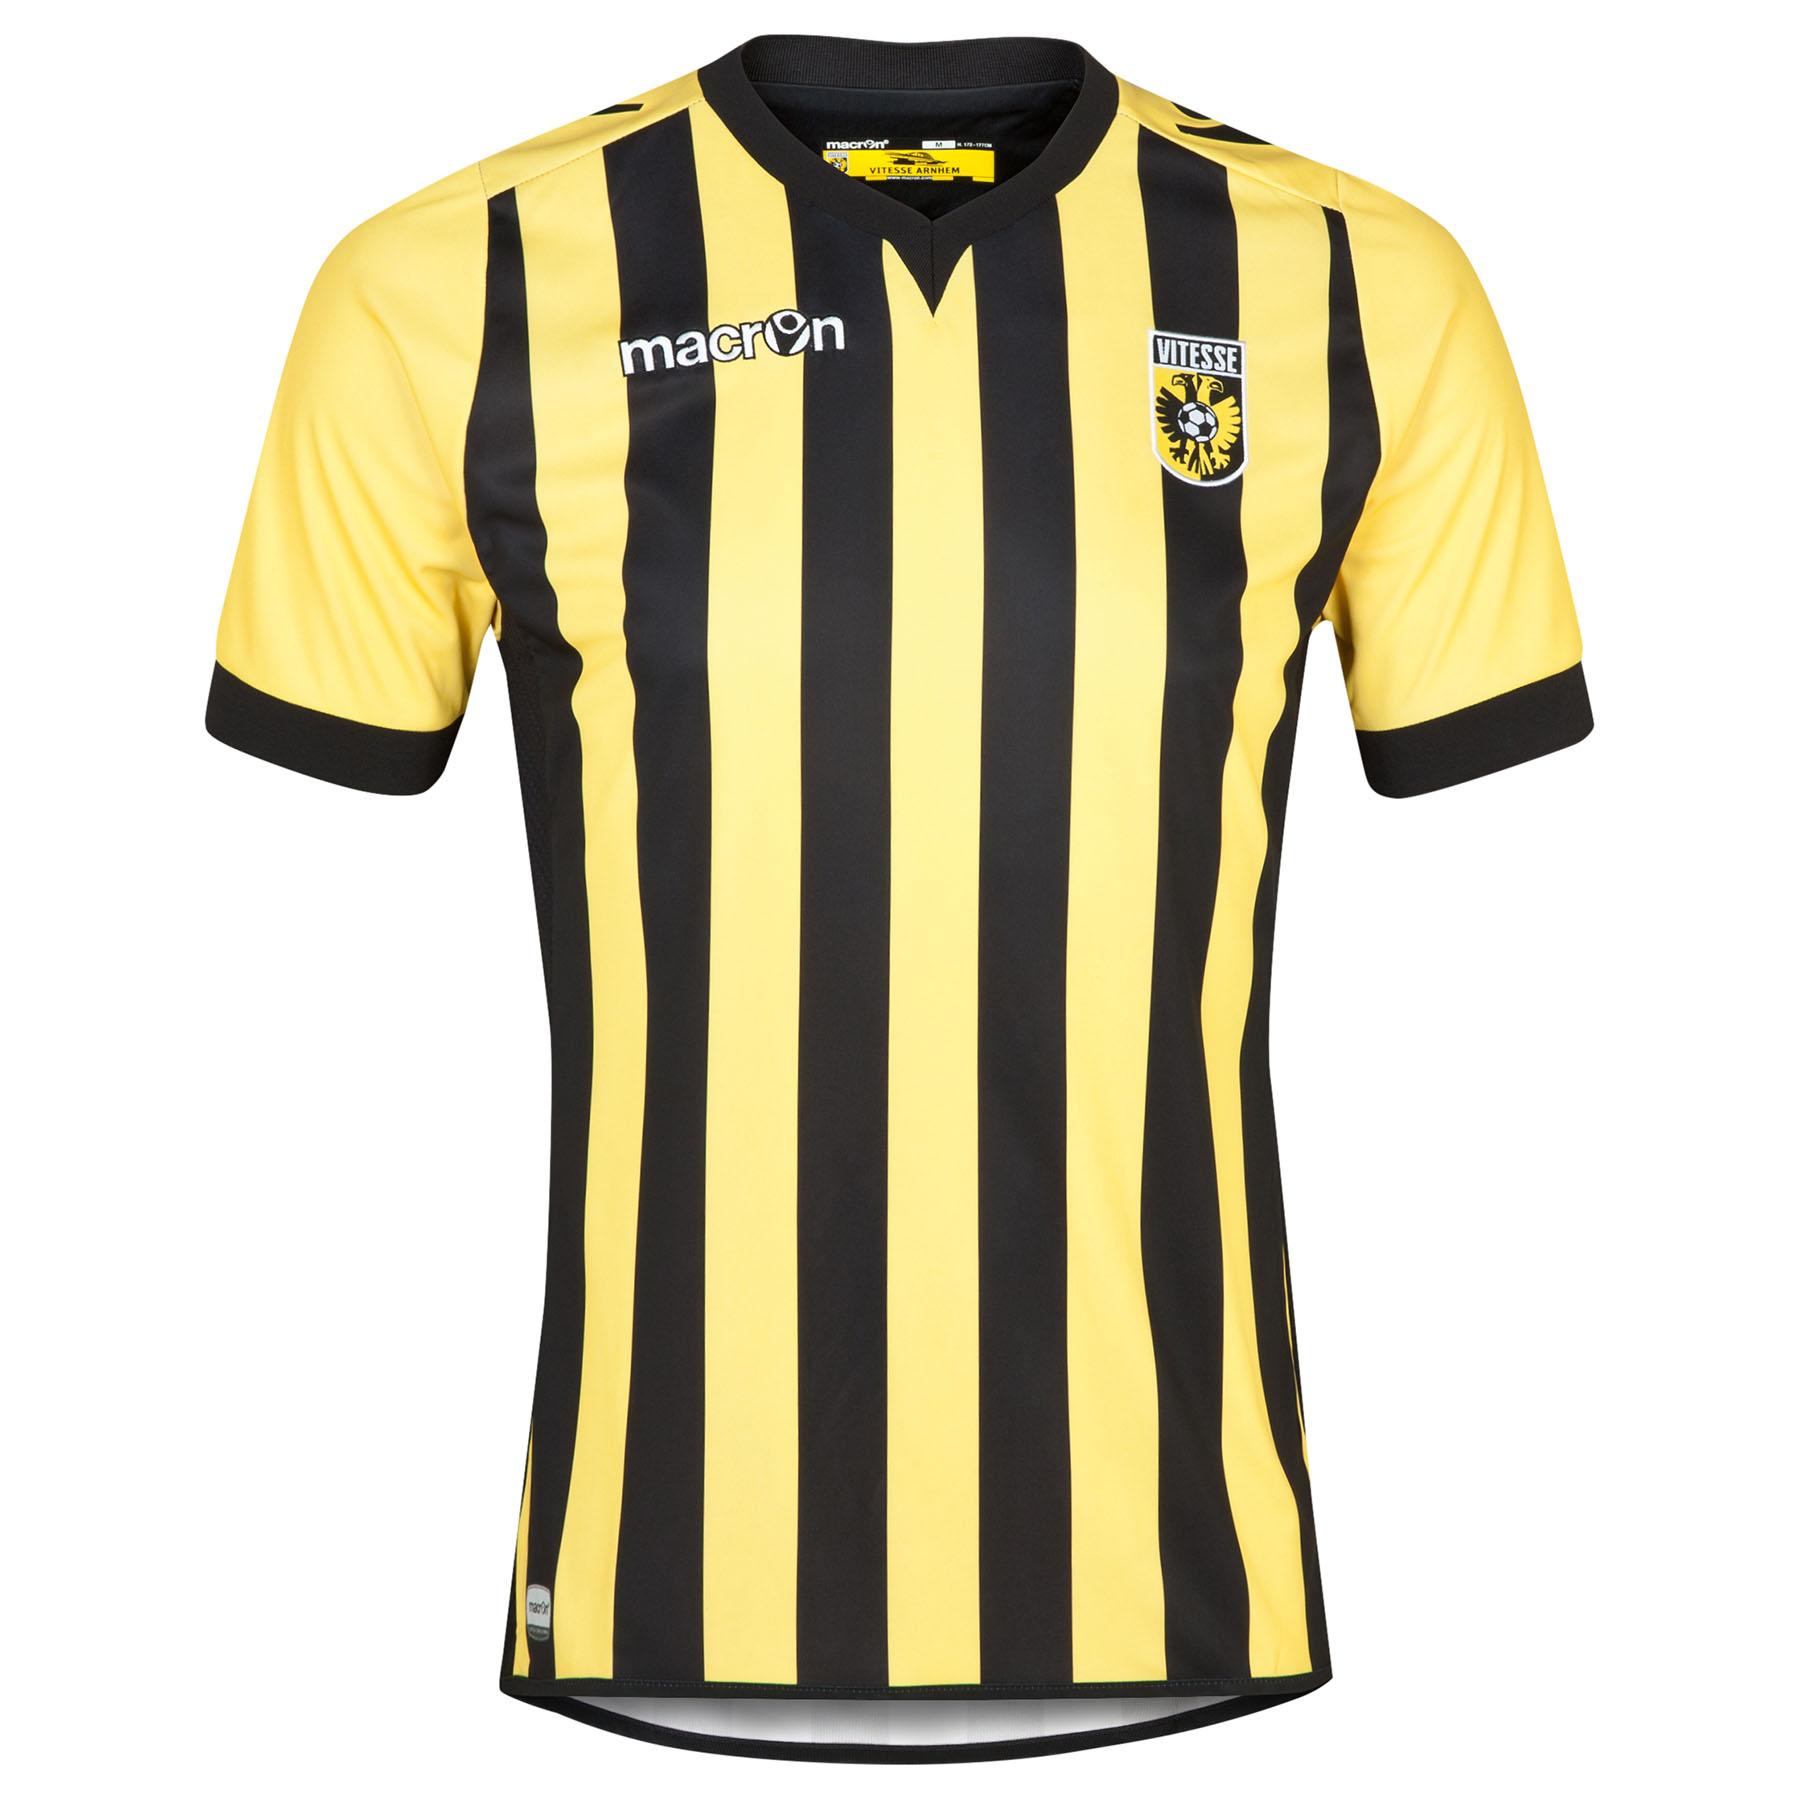 Vitesse Arnhem Home Shirt 2014/15